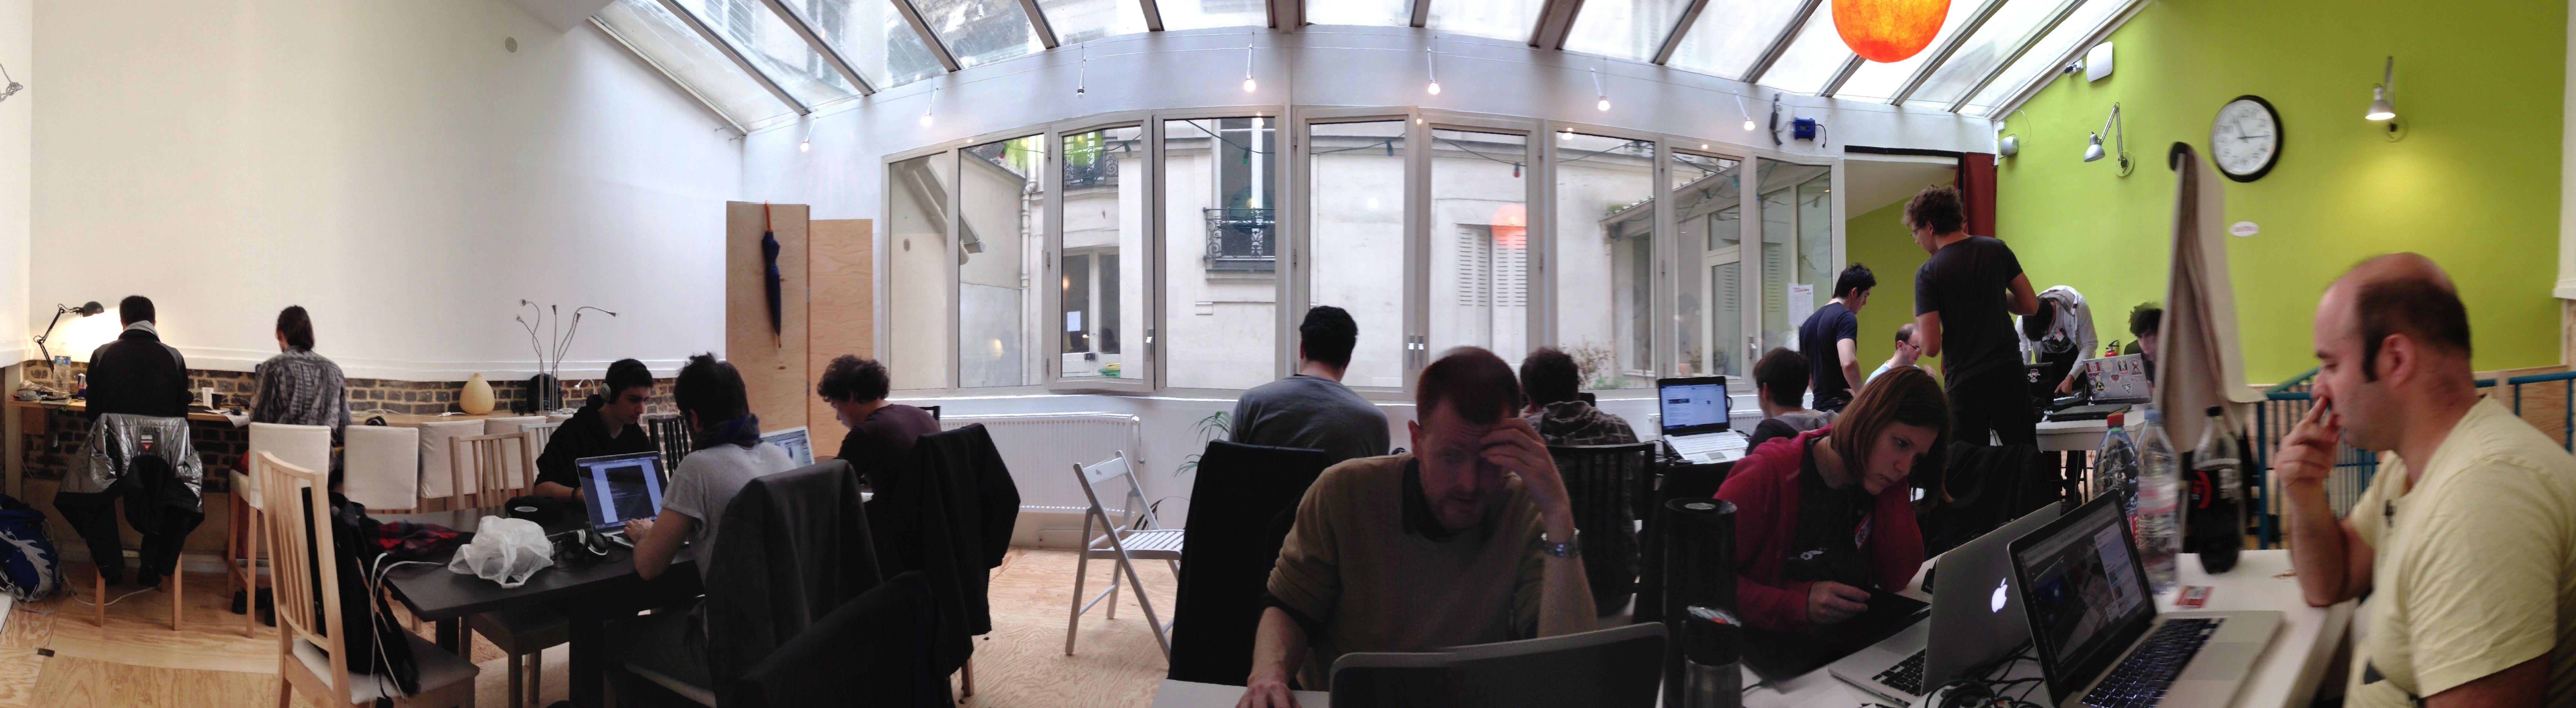 Ludum Dare Paris